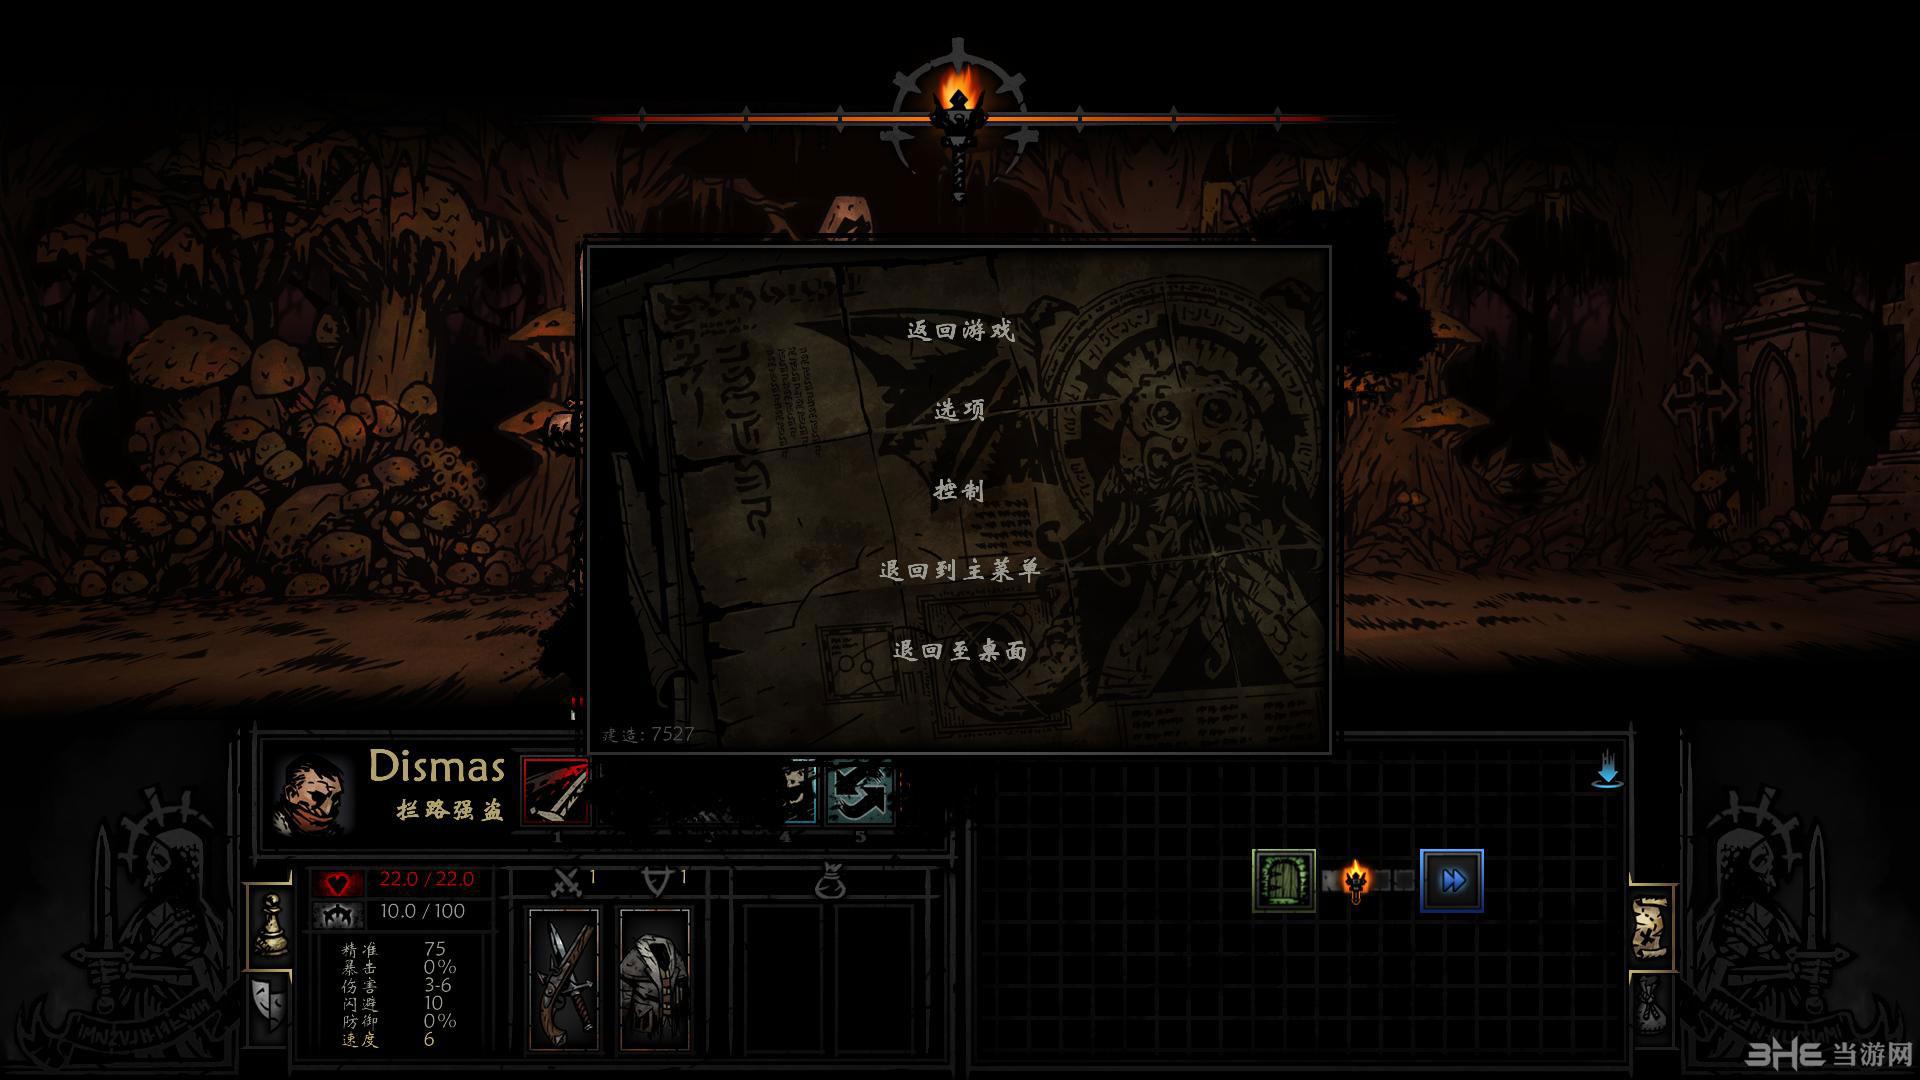 暗黑地牢简体中文汉化补丁截图1